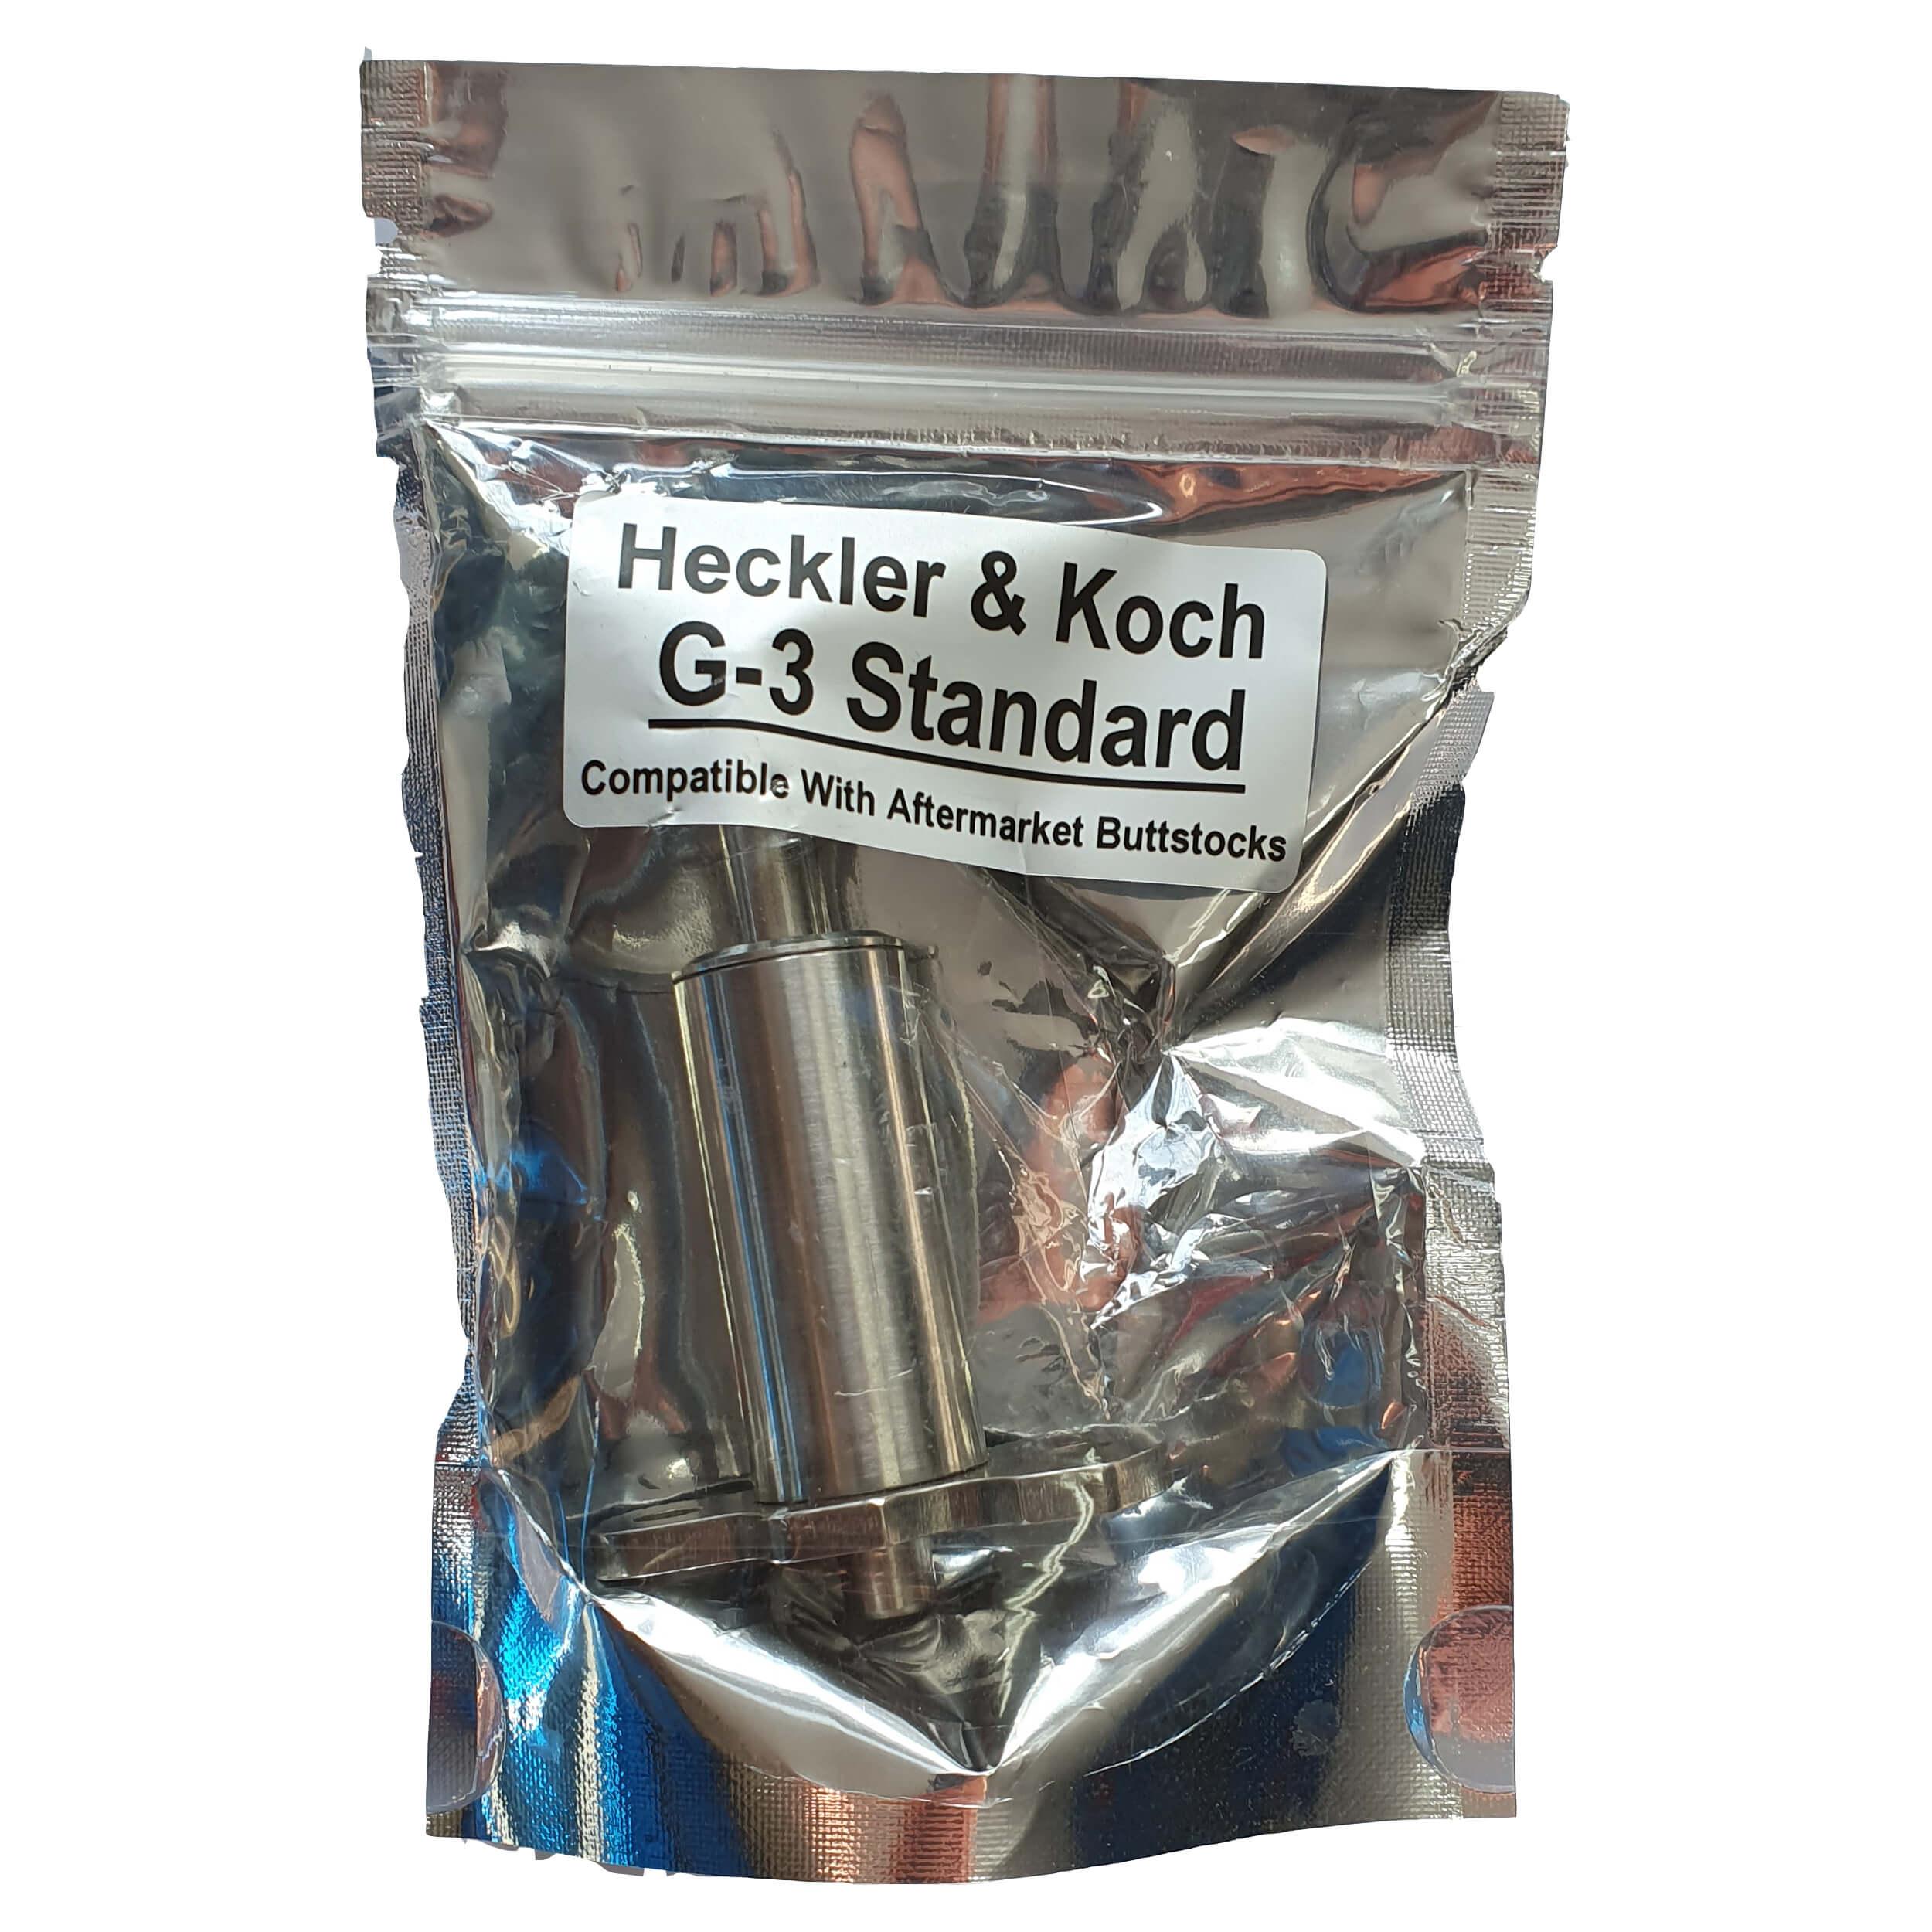 Heckler & Koch G3